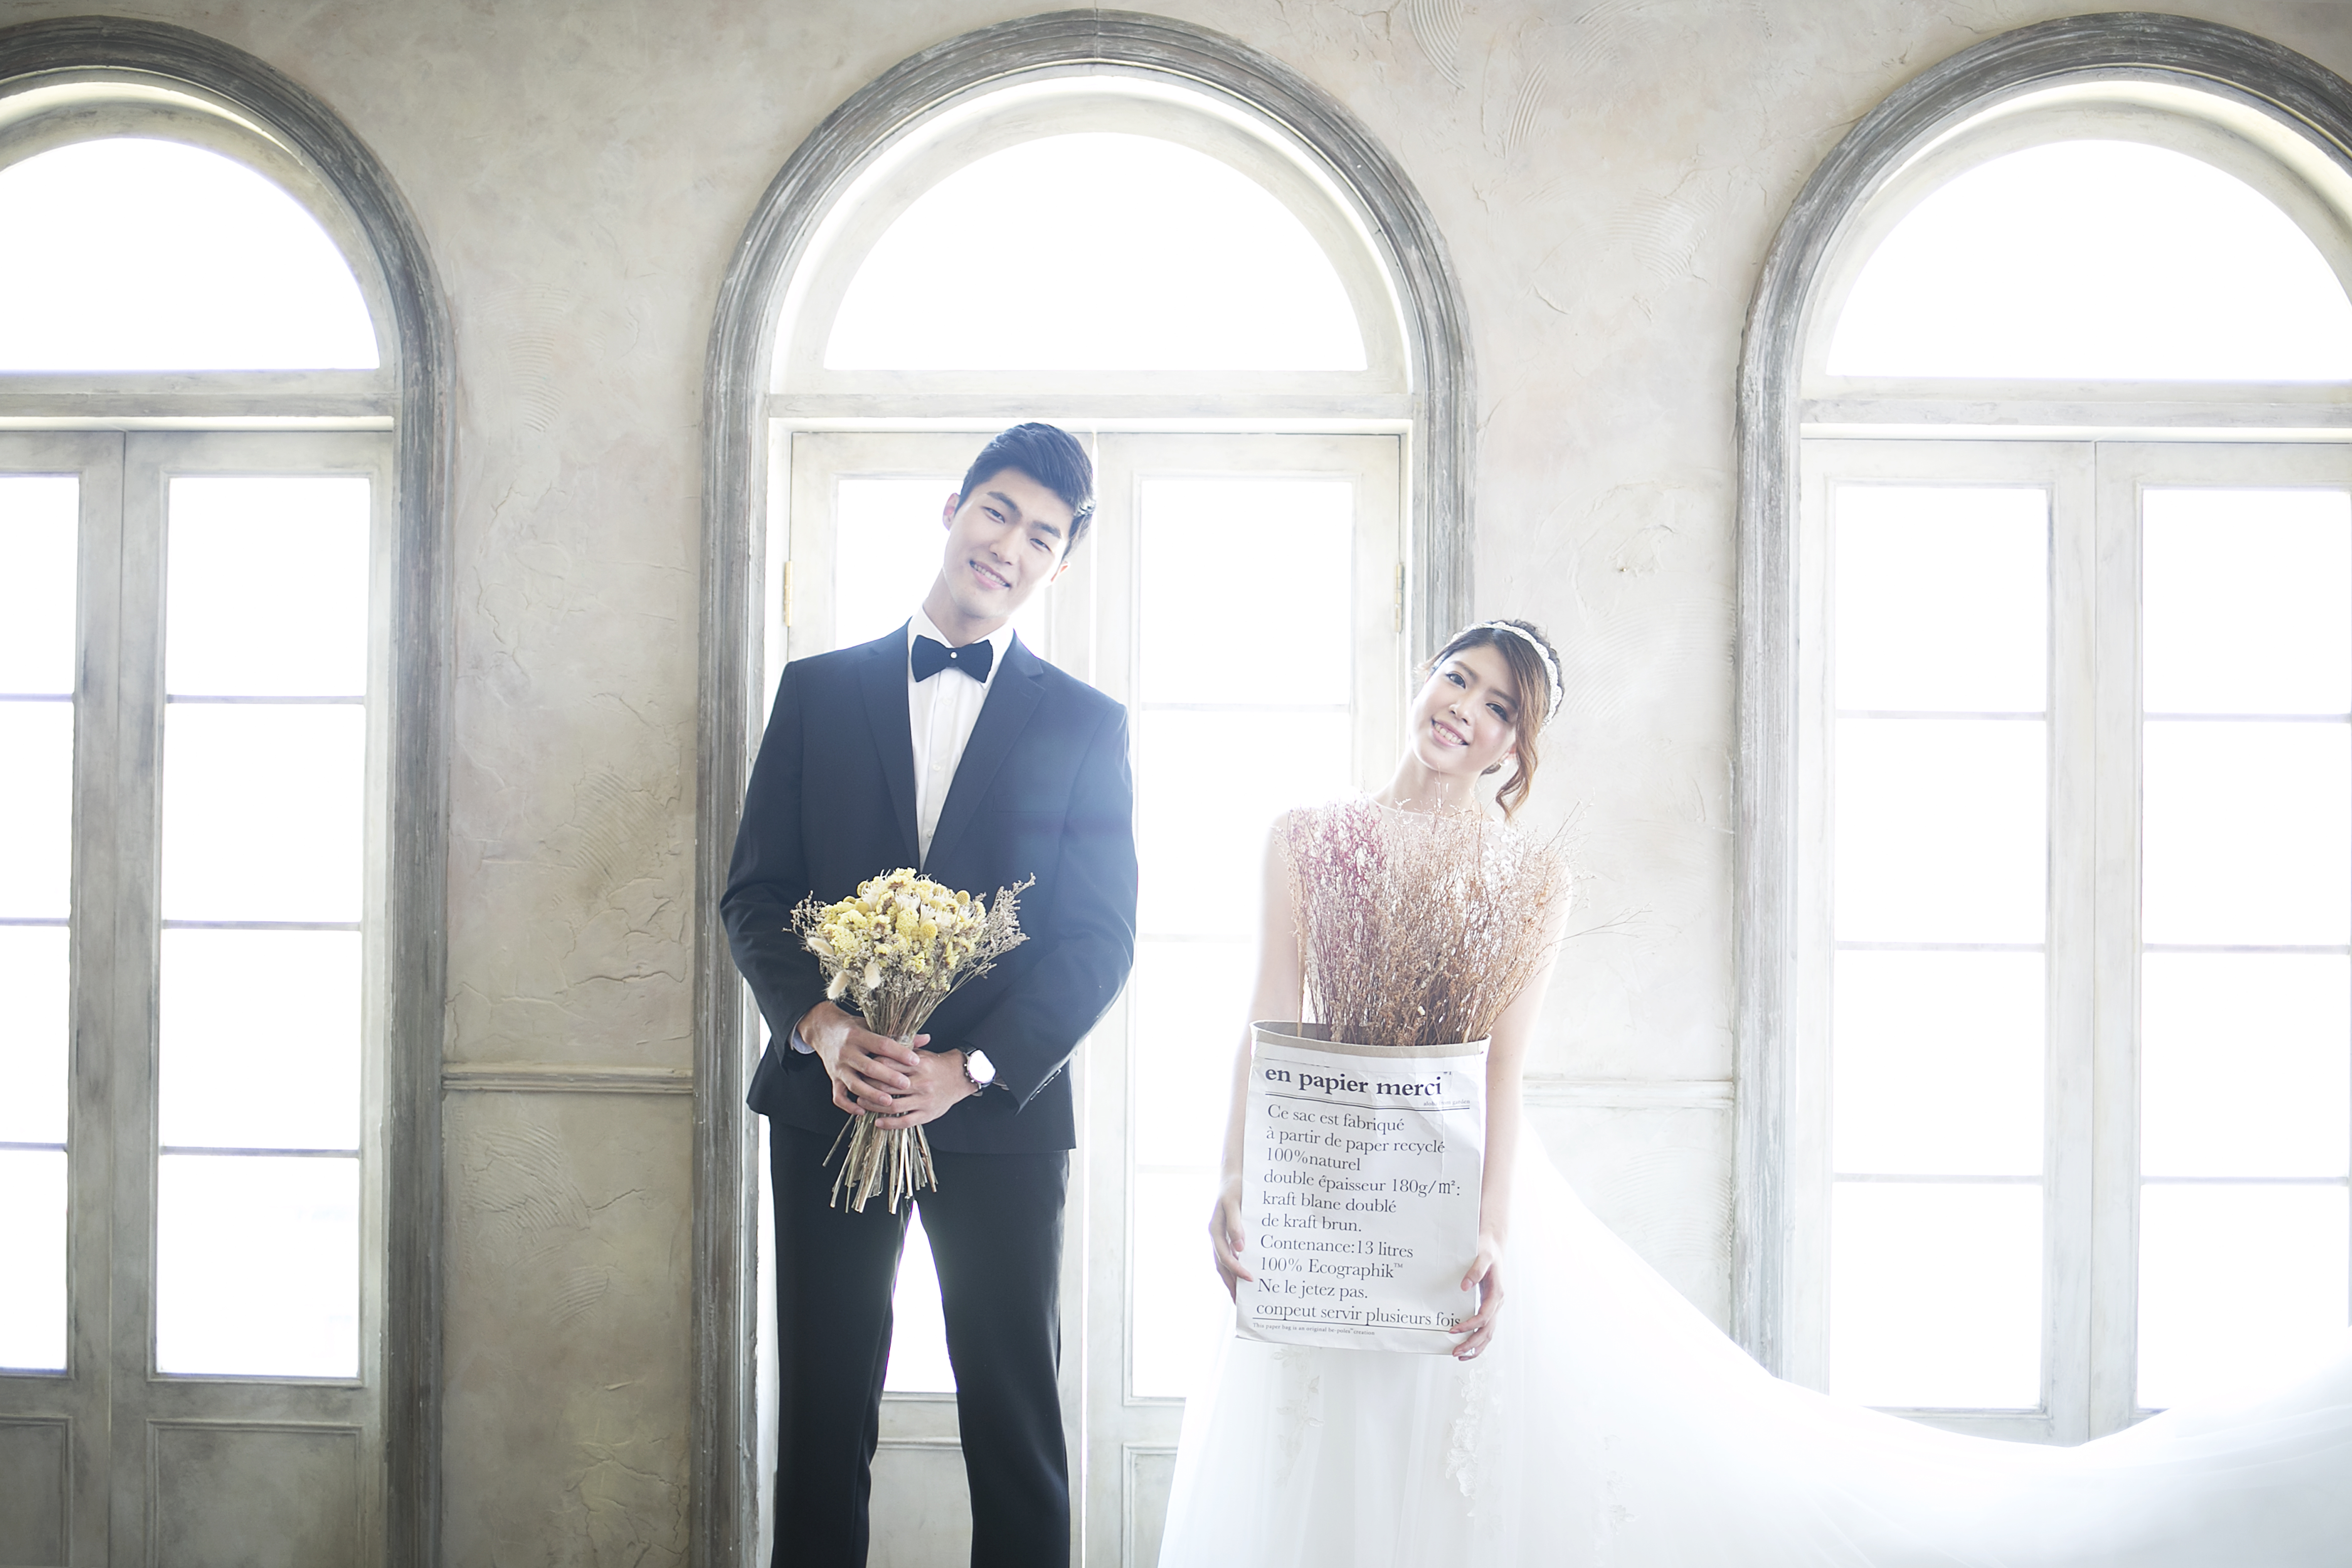 婚紗攝影工作室,韓國婚紗,自主婚紗,海外婚禮,,,, - PINEAPPLE WEDDING 韓國攝影師工作室 作品瀏覽